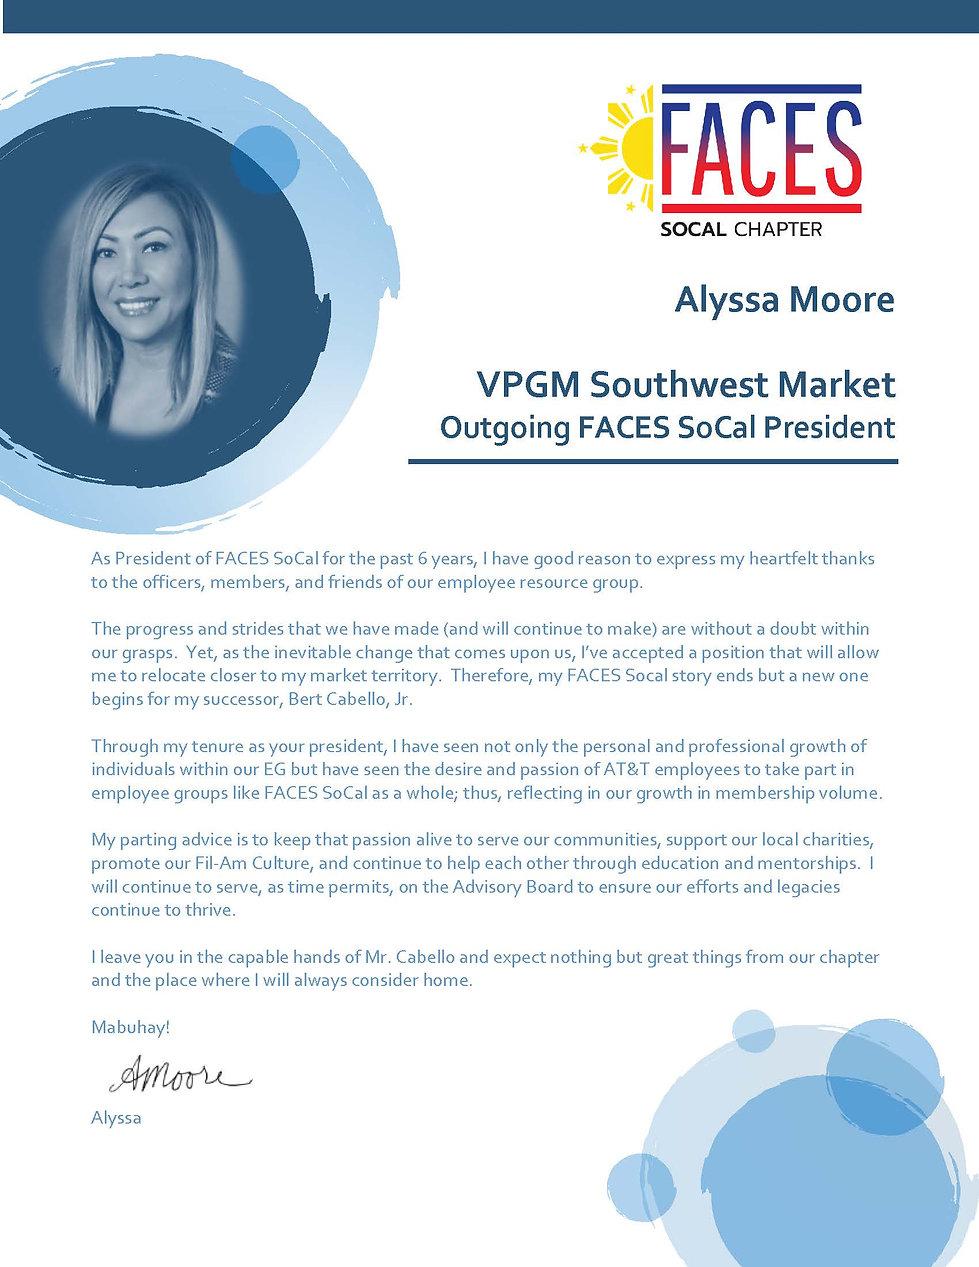 Alyssa Moore - Outgoing FACES SoCal Pres